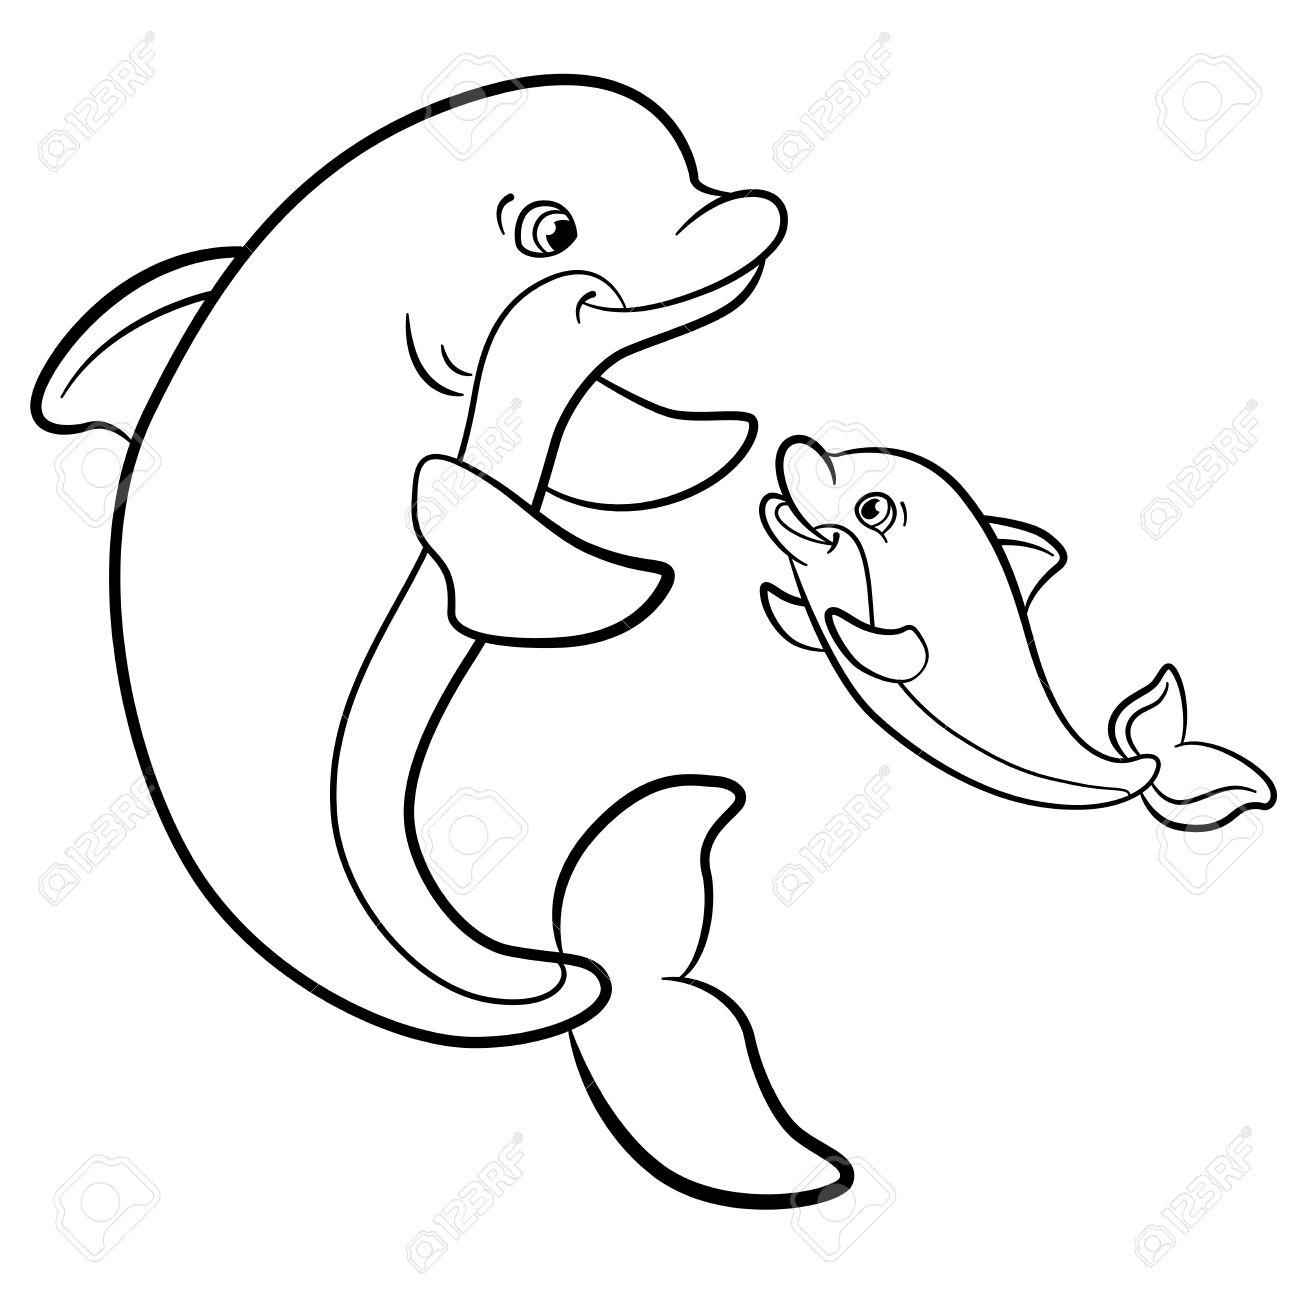 Kleurplaten Marine Wilde Dieren Moeder Dolfijn Zwemt Met Haar Kleine Schattige Baby Dolfijn